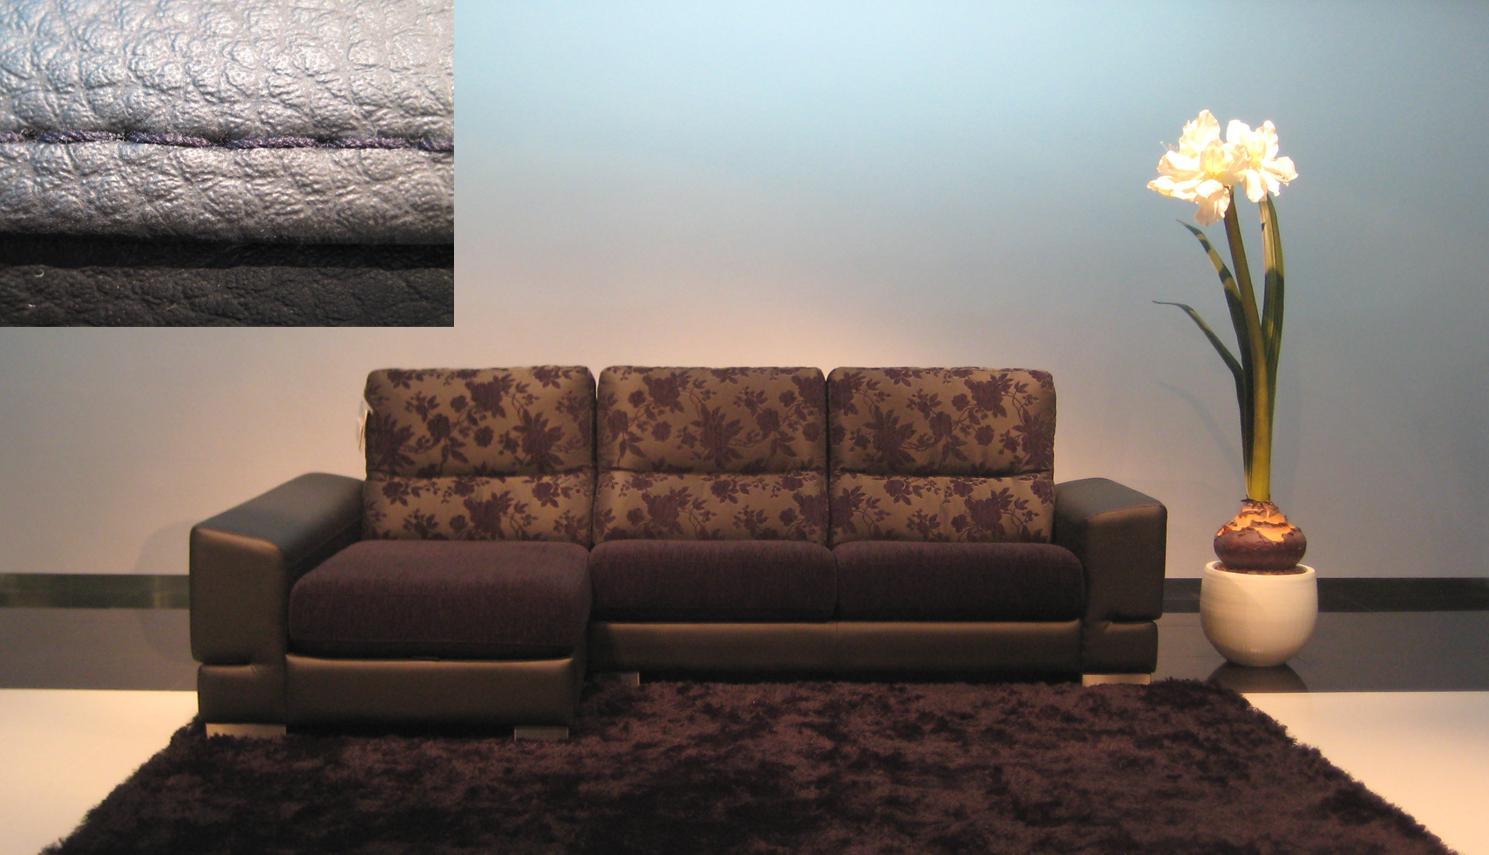 Variedad de fotos de sof s cat logo de muebles fhoa - Tela para tapizar sofa ...